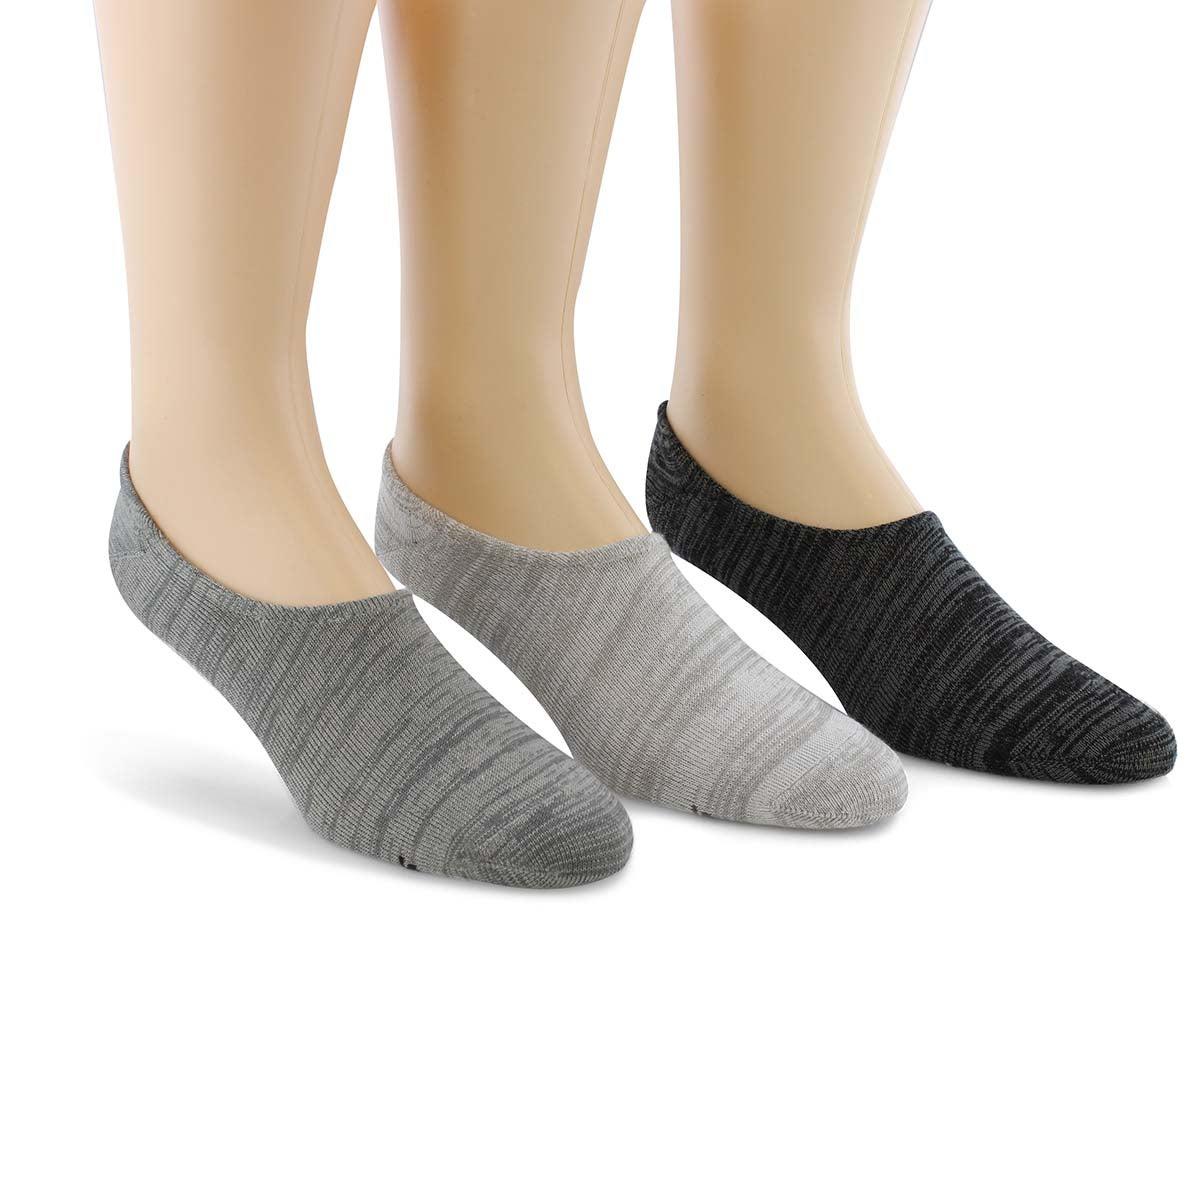 Socquette NON TERRY NO SHOW gris/mlti hom-3 paires